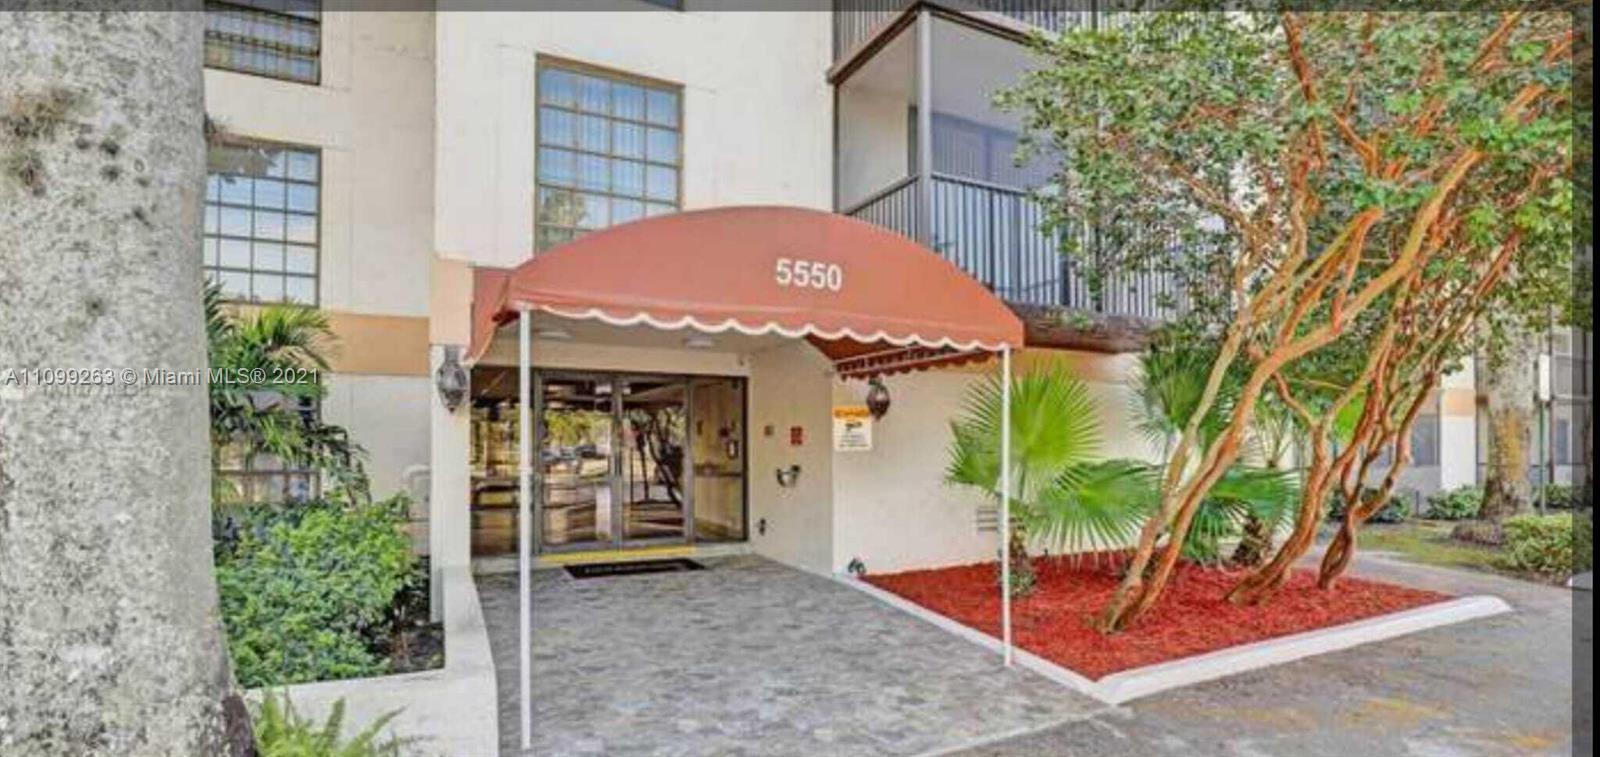 Unit , Lauderhill, Florida 33319